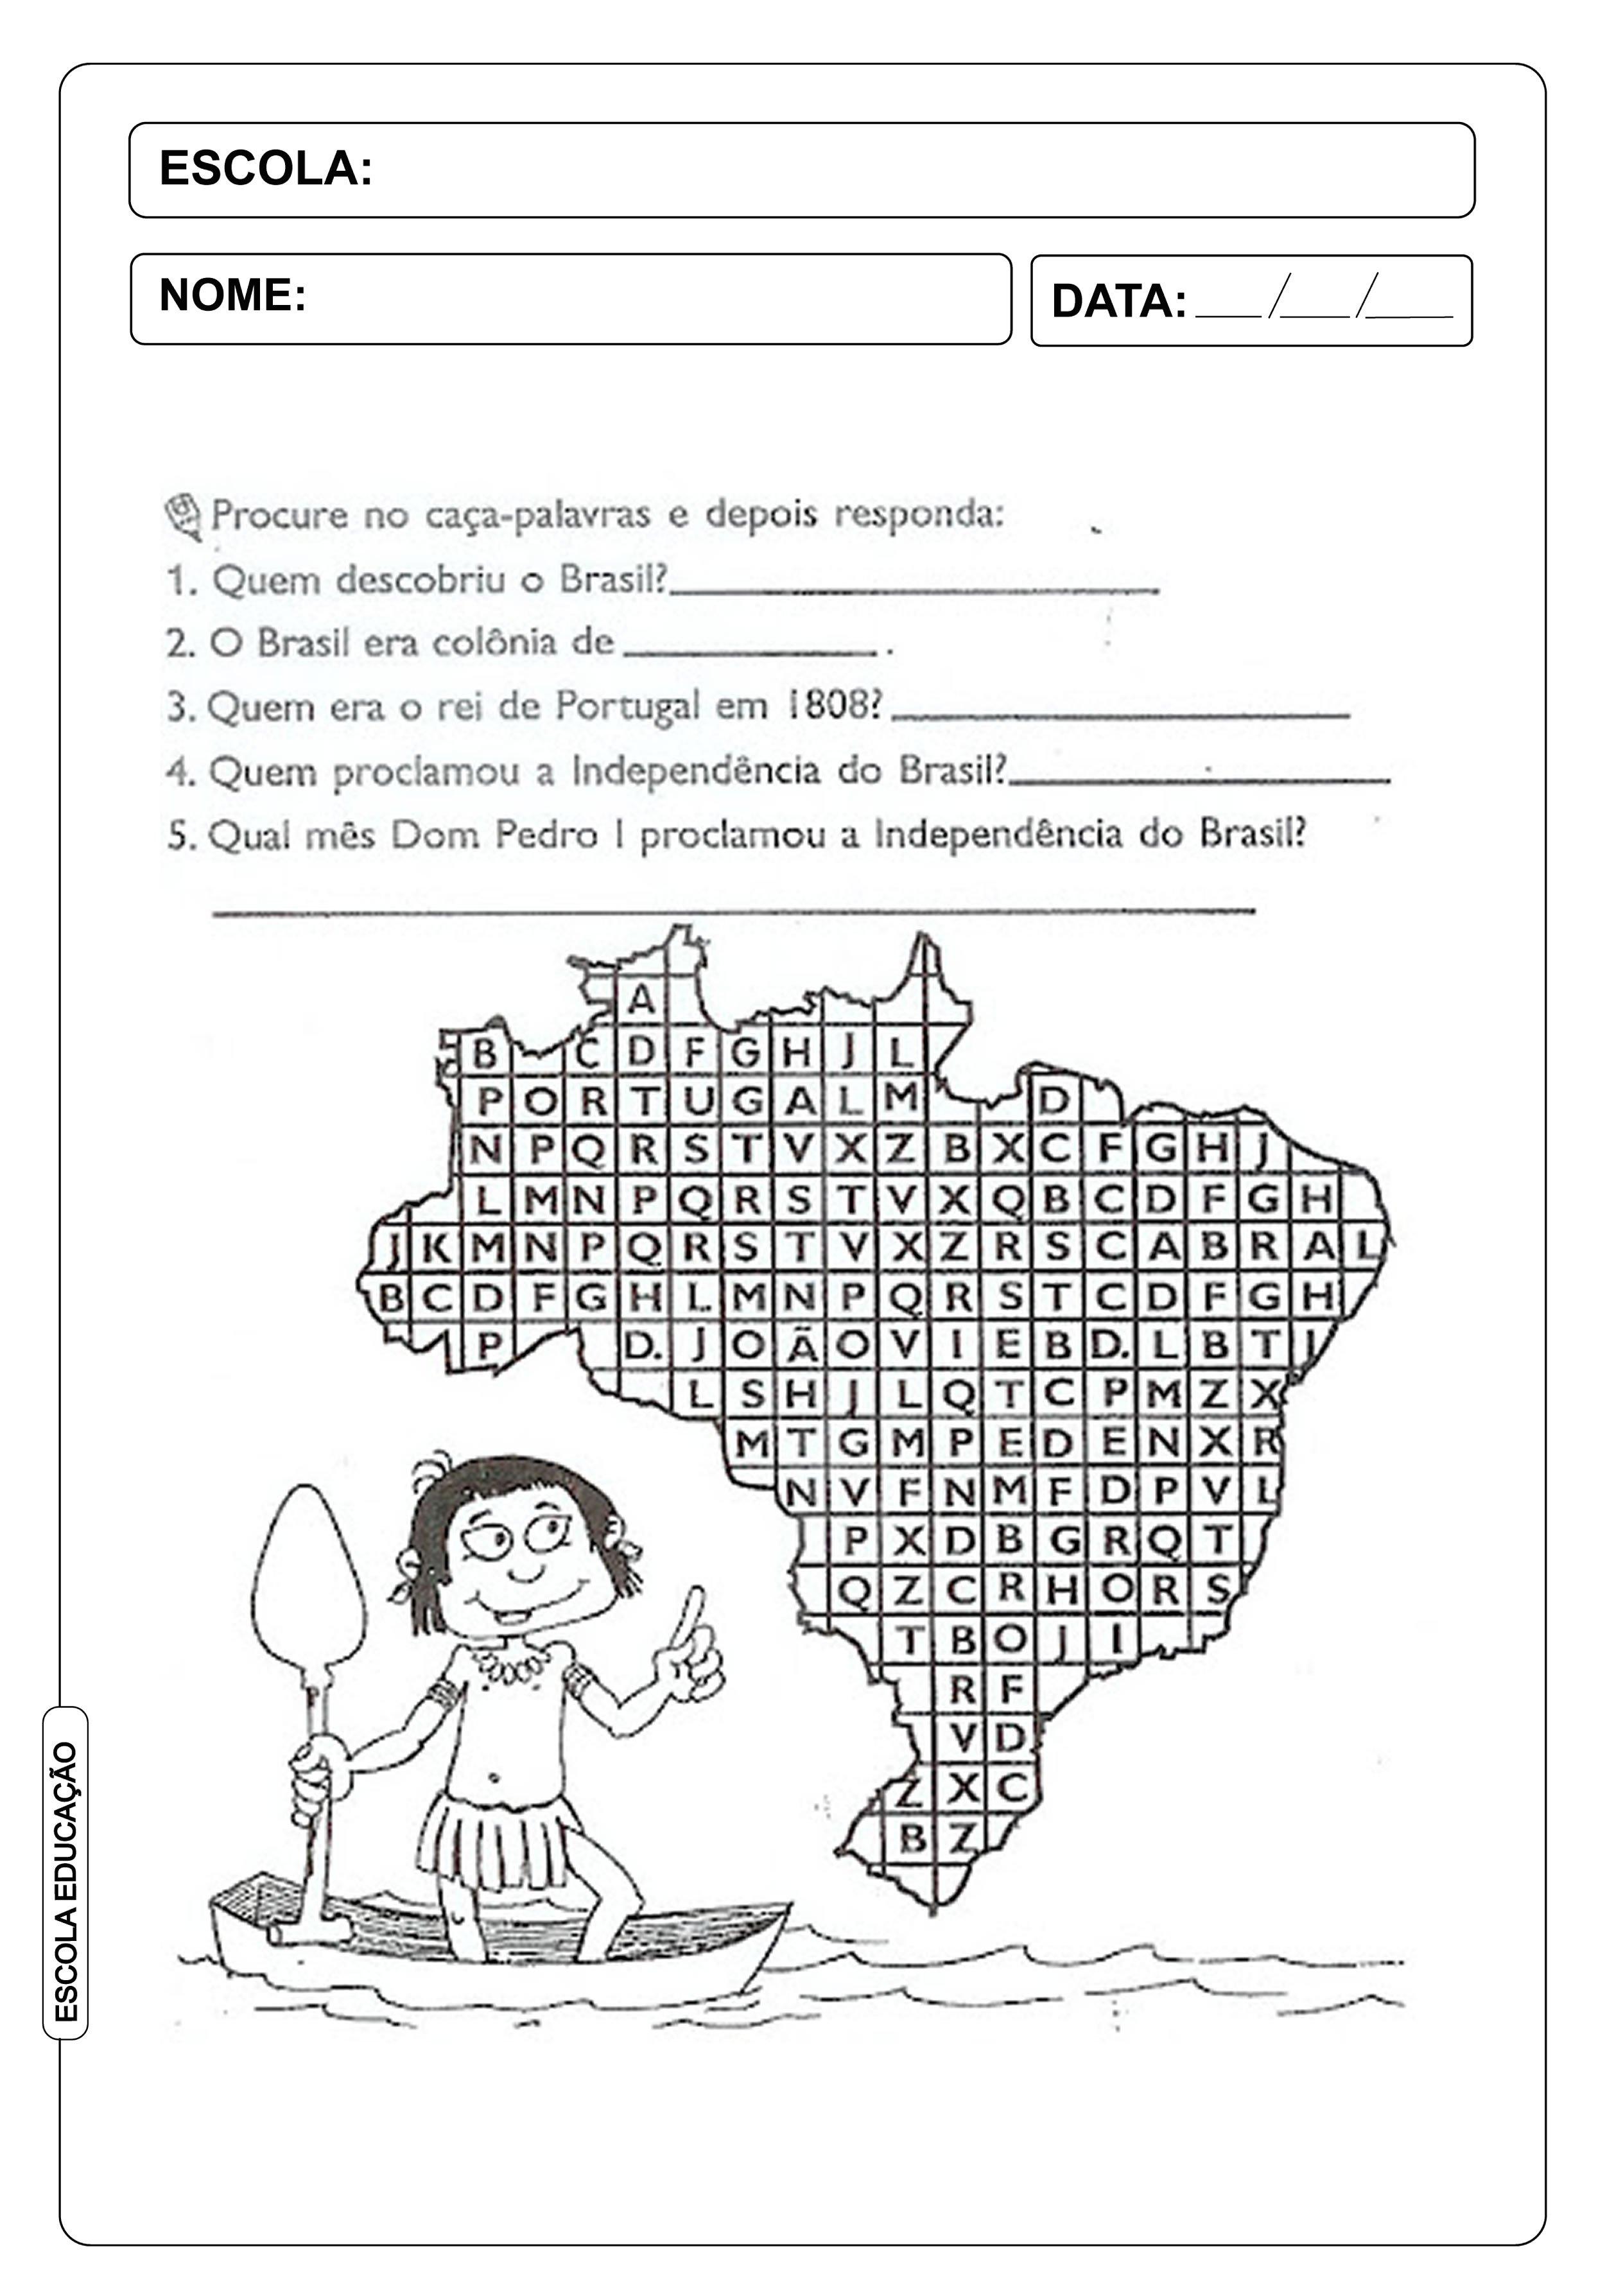 Atividades de caça-palavras com o tema da independência do brasil